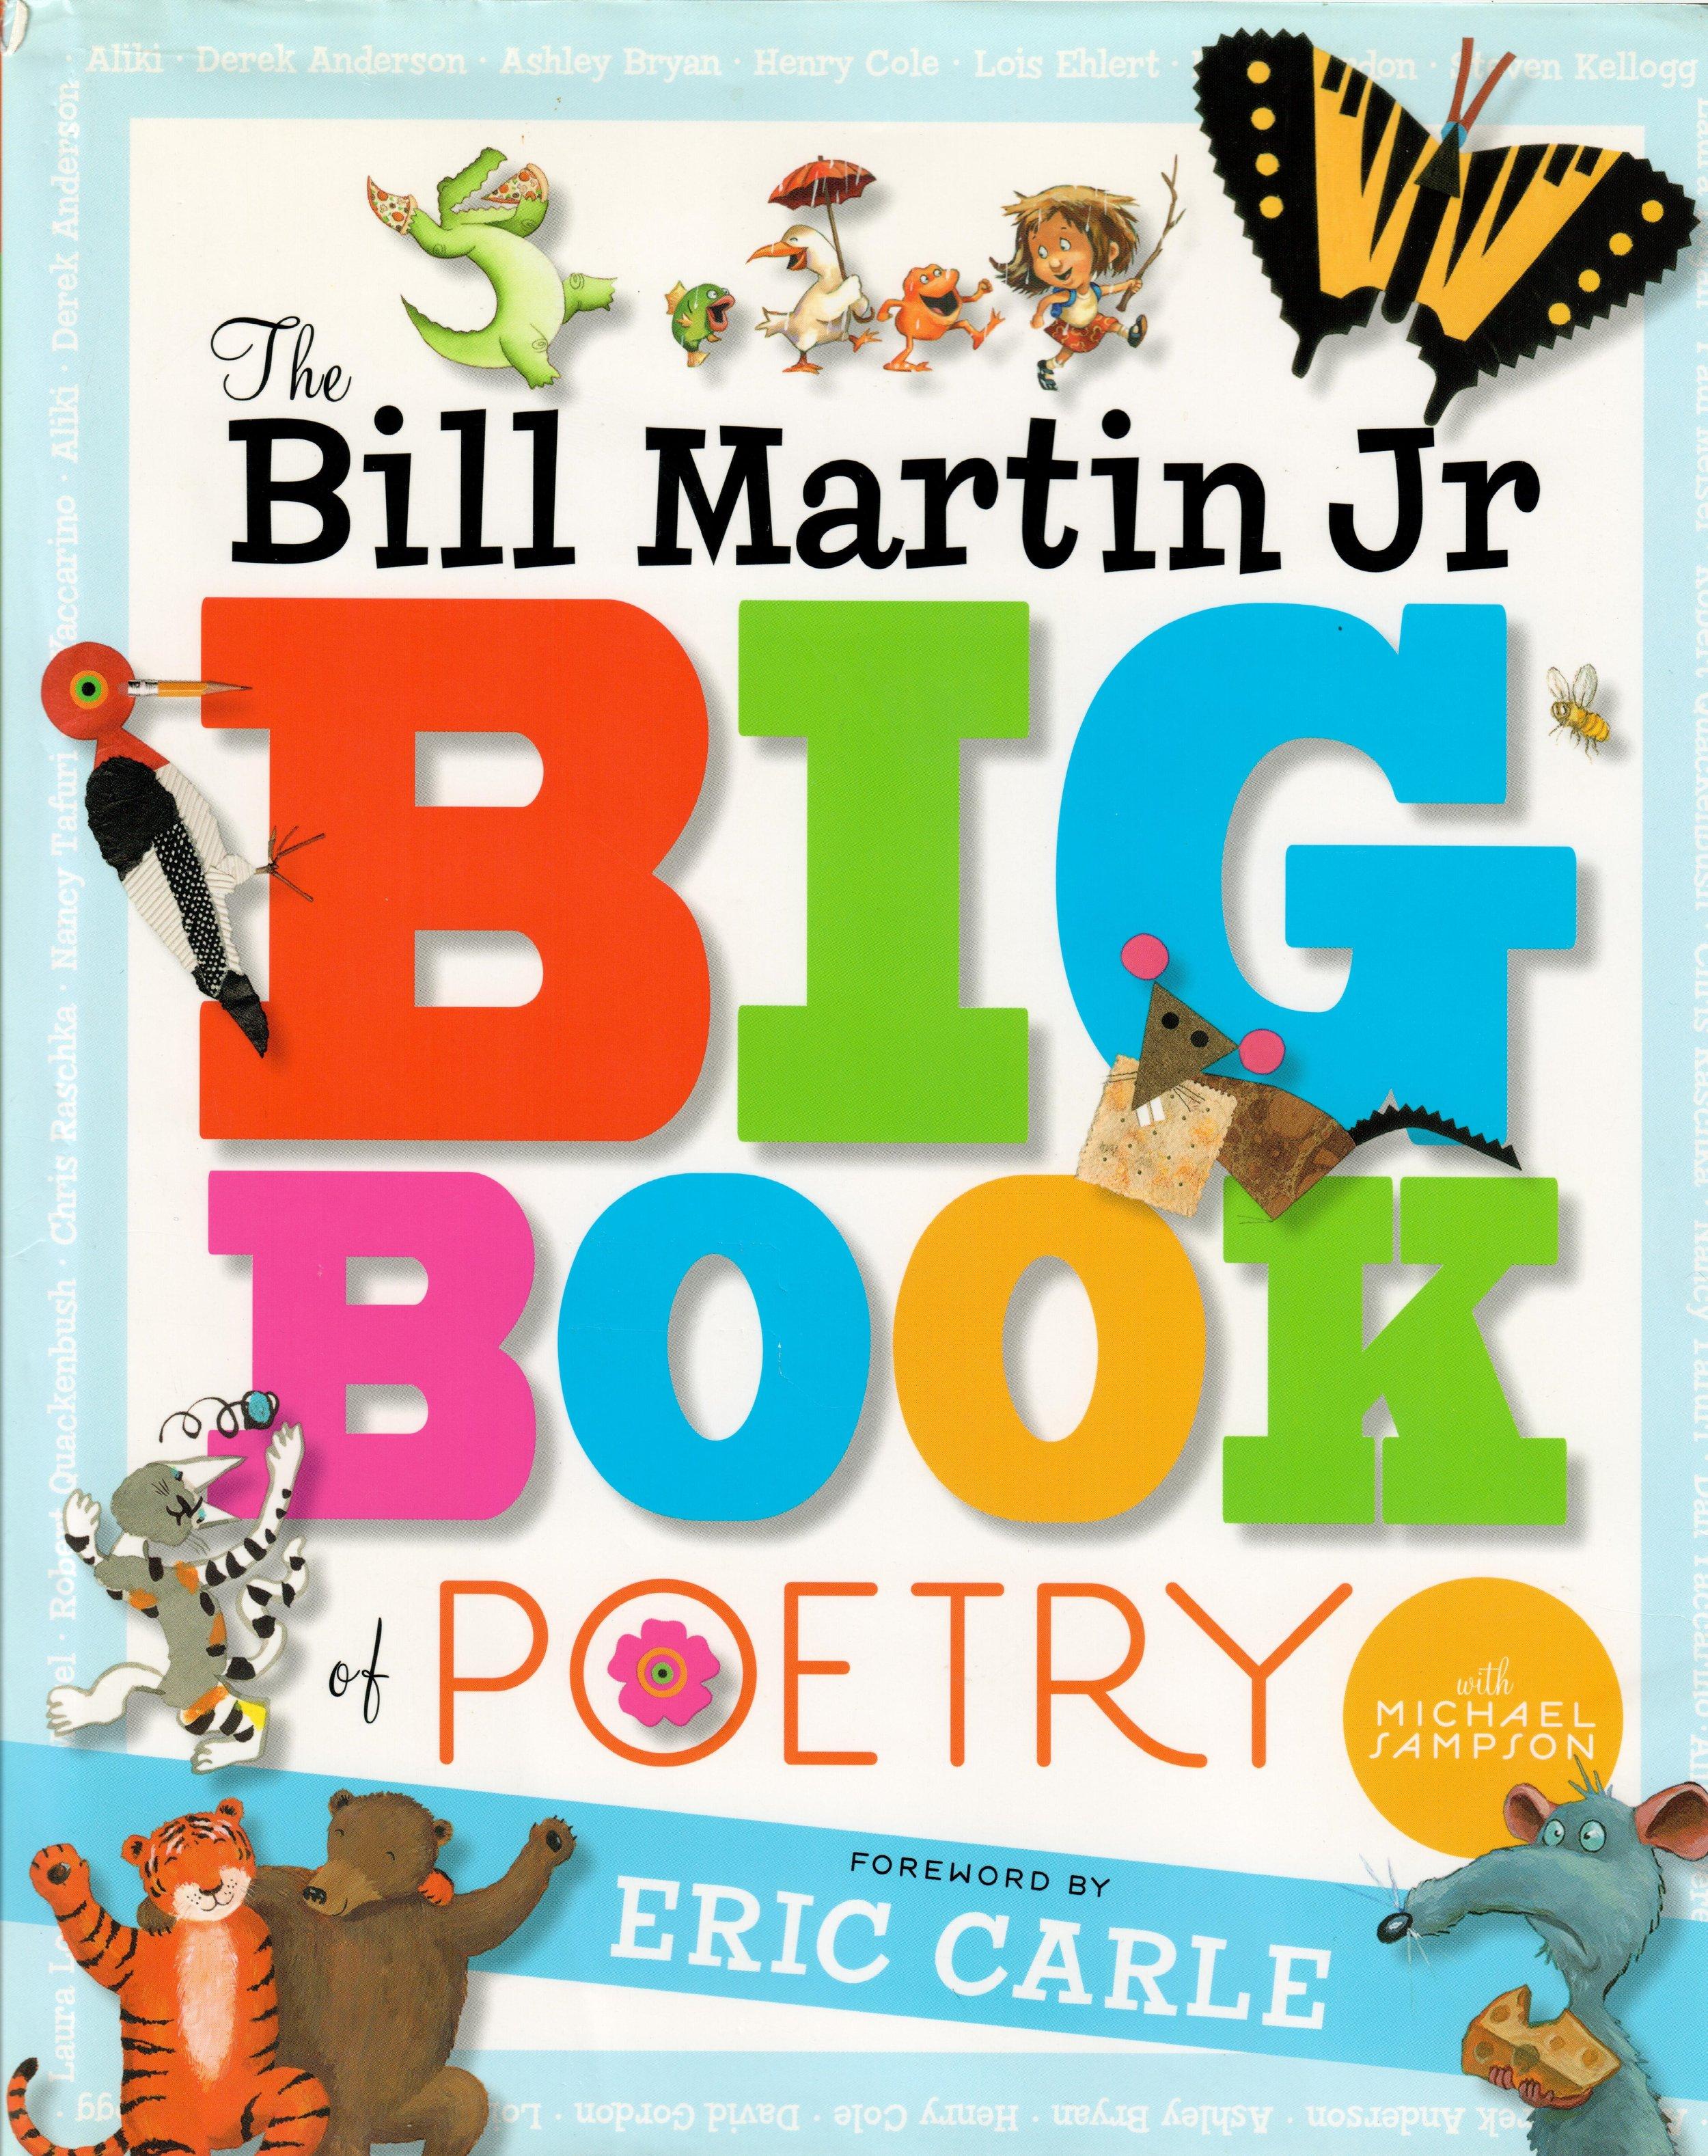 Big Book of Poetry.jpg